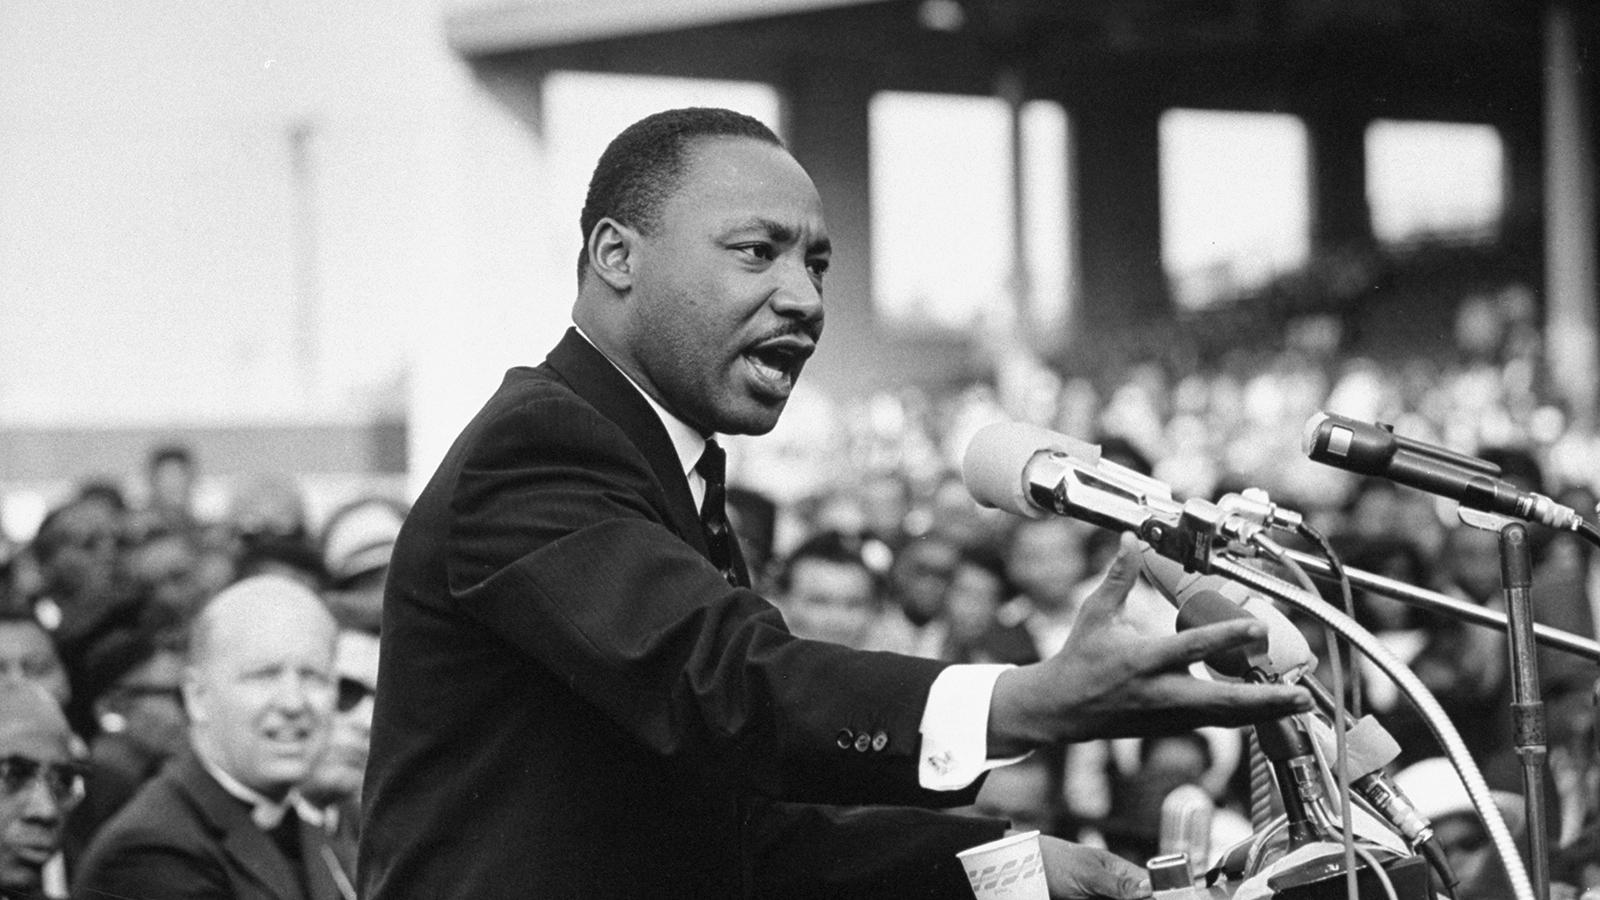 Kněz Martin Luther King junior se stal jednou z nejvýznamnějších postav v boji za rasovou rovnoprávnost. Jeho projev před 54 lety změnil svět.